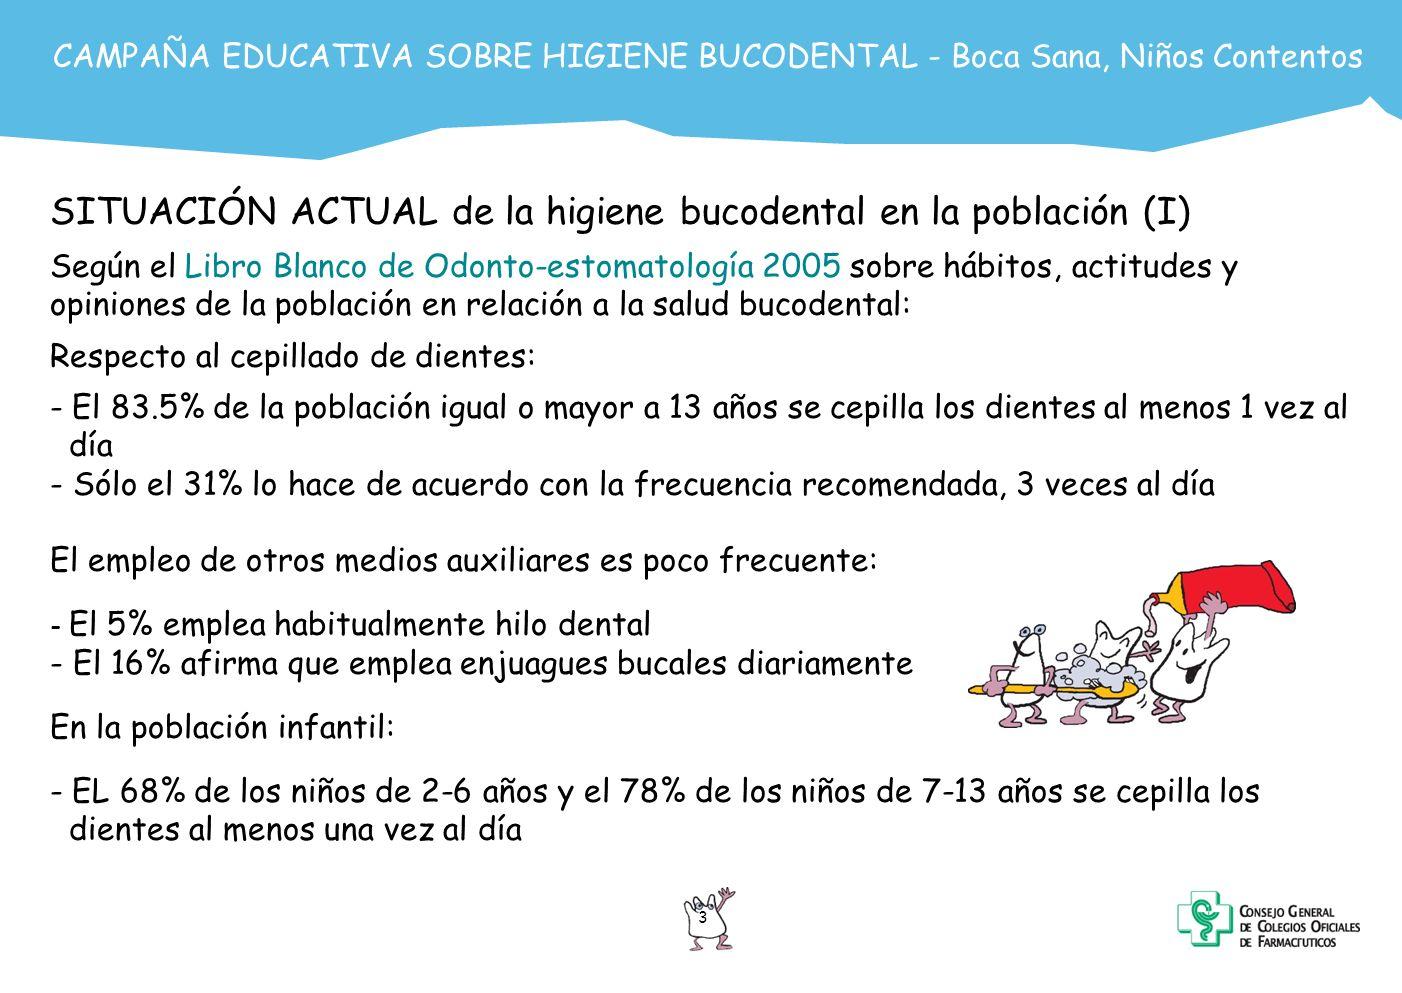 SITUACIÓN ACTUAL de la higiene bucodental en la población (I)